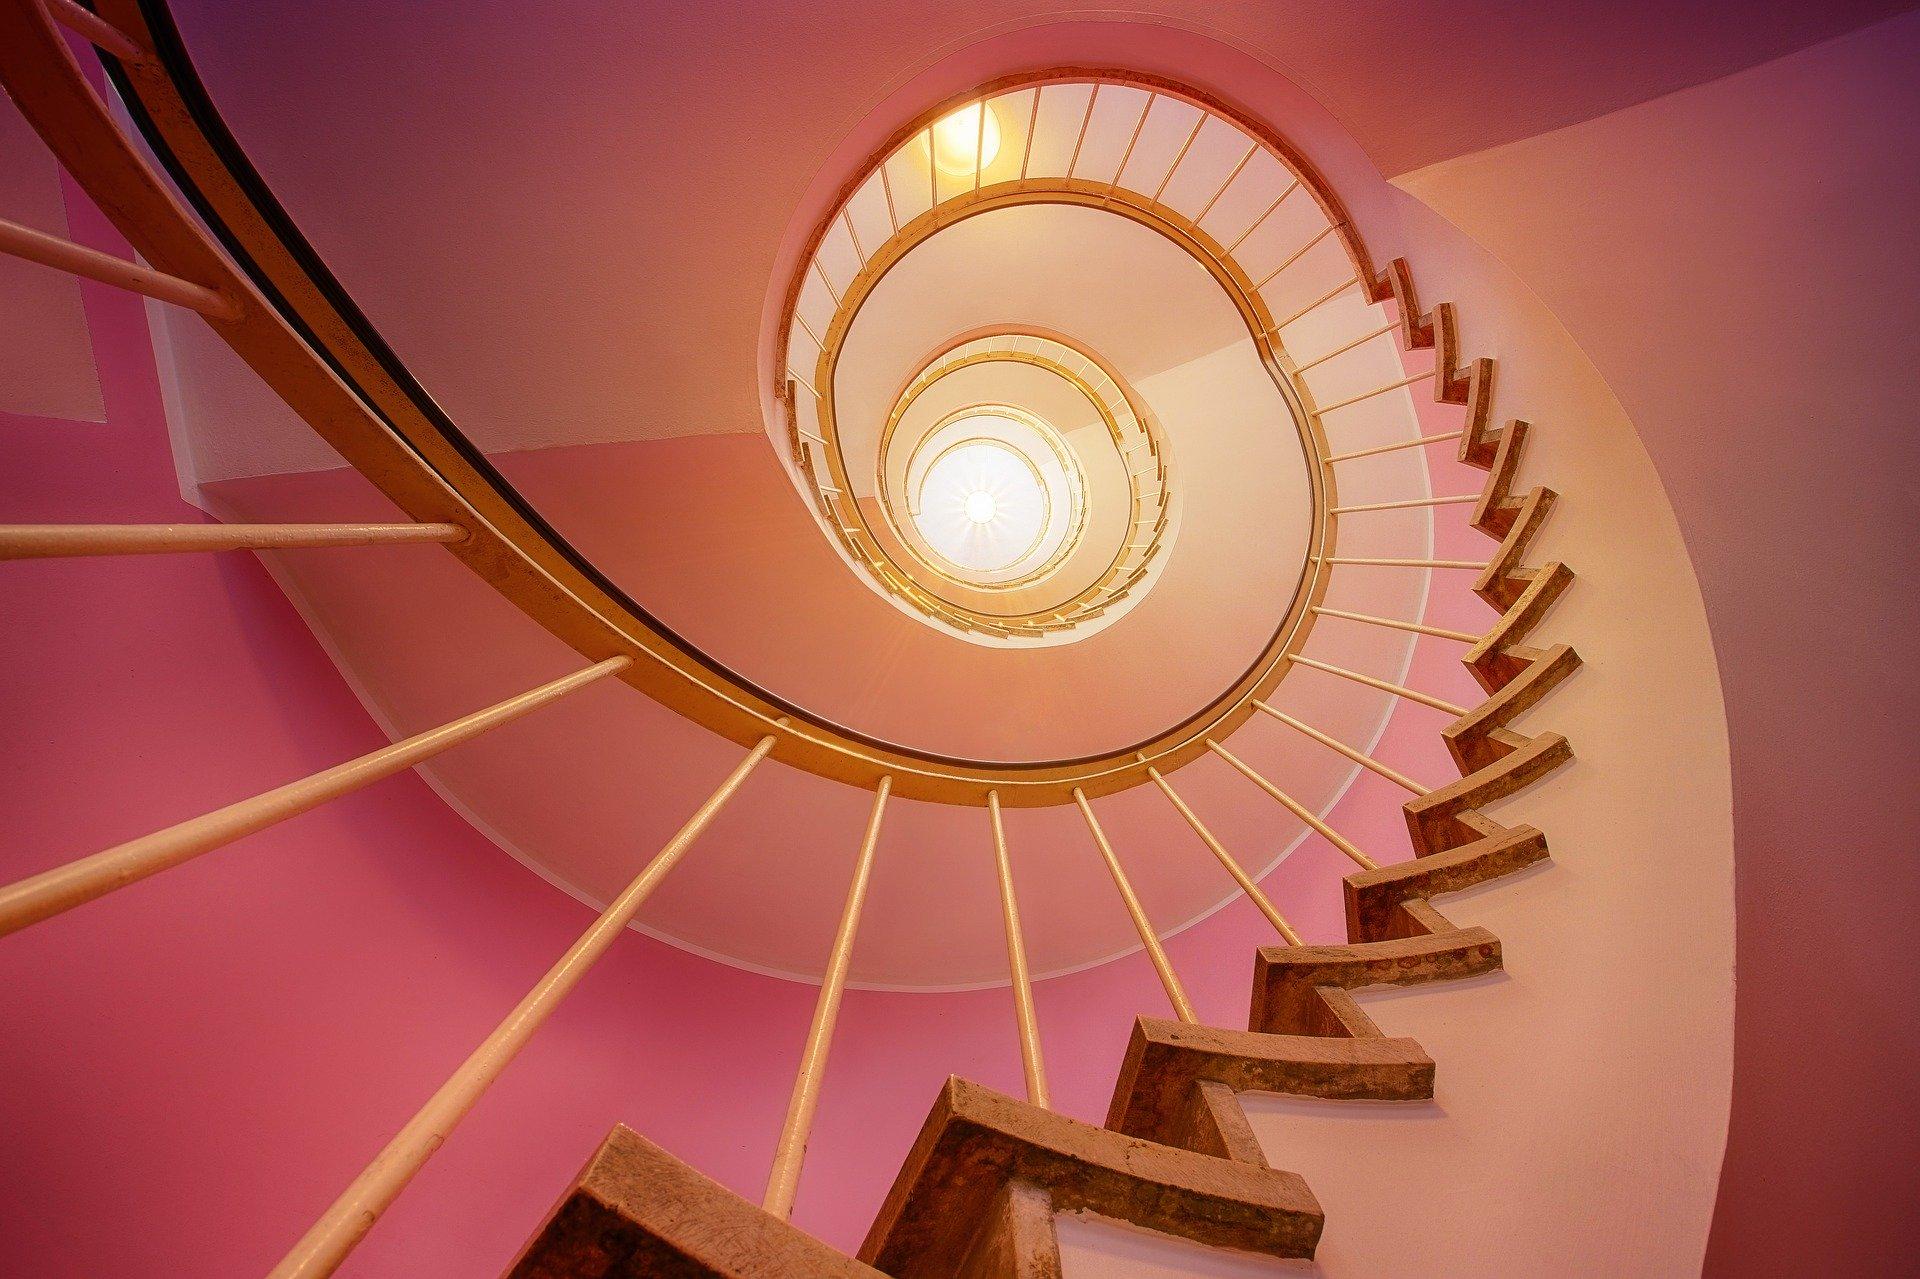 Escaleras, el principal elemento de Historia de una escalera